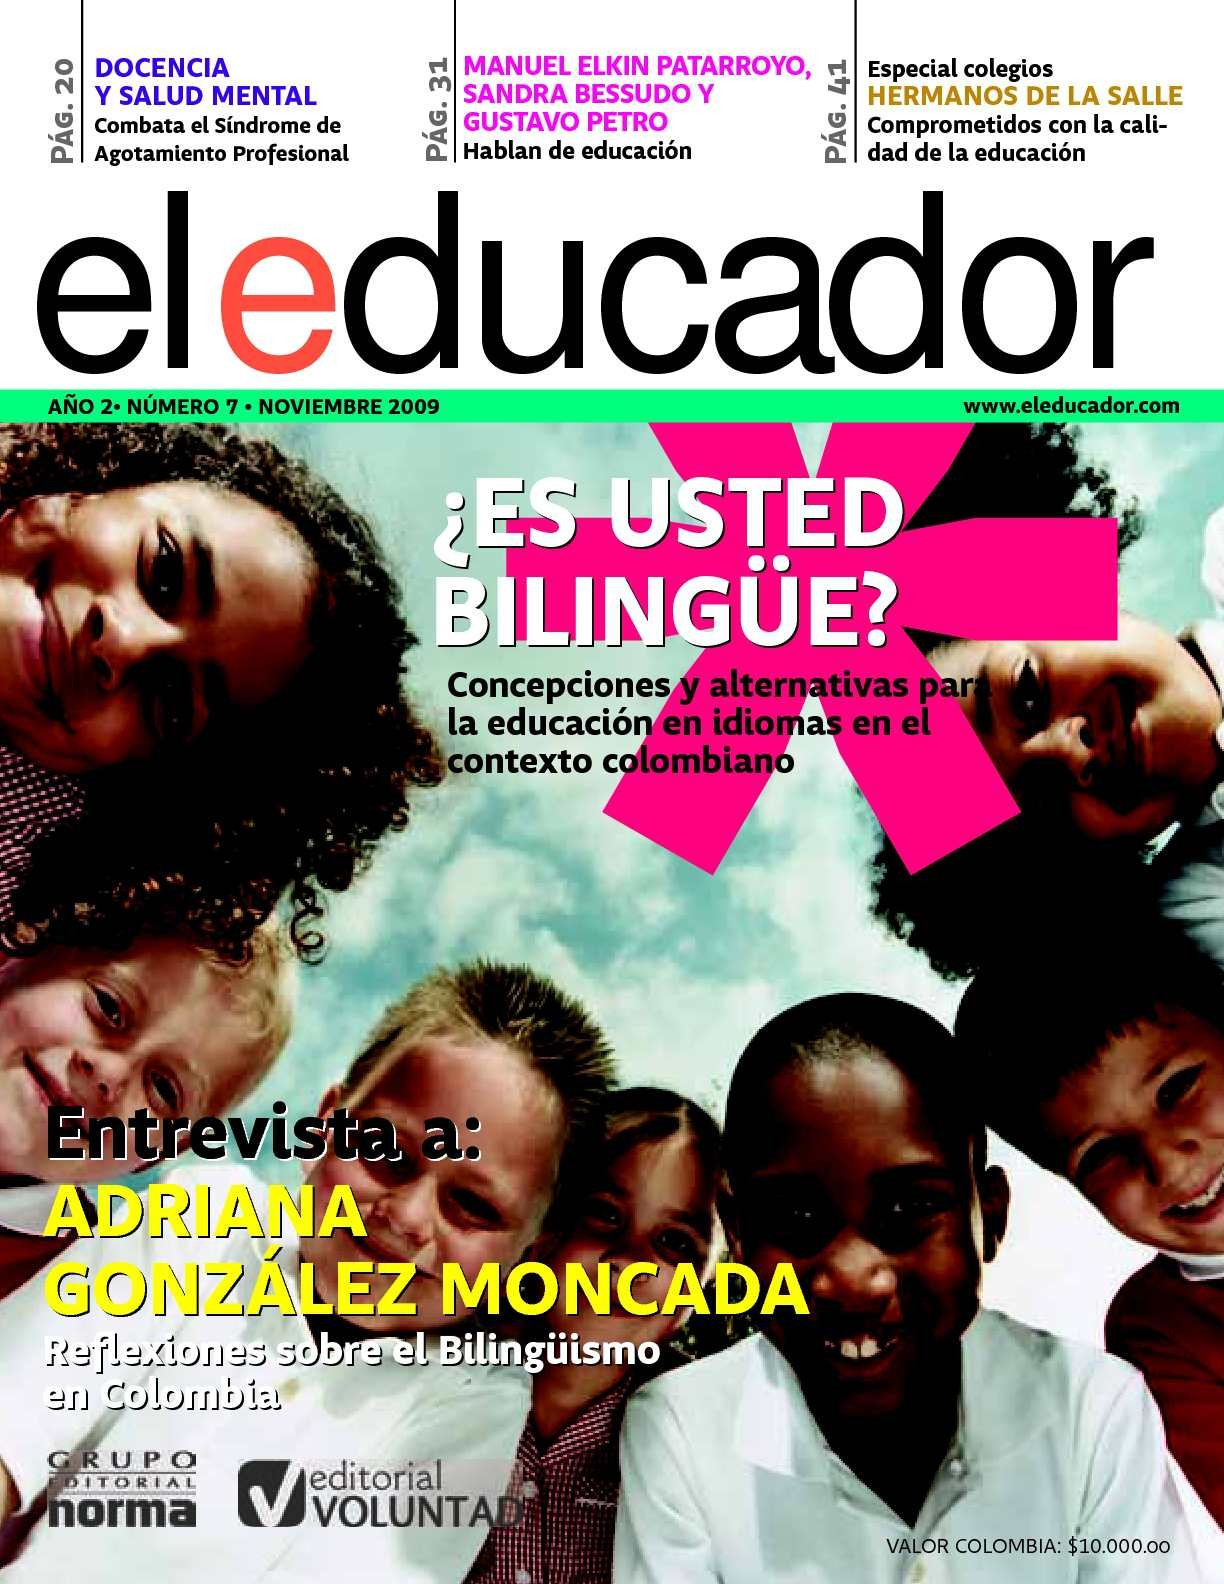 Calendario Carnaval 2019 Panama Actual Calaméo Revista Eleducador 7